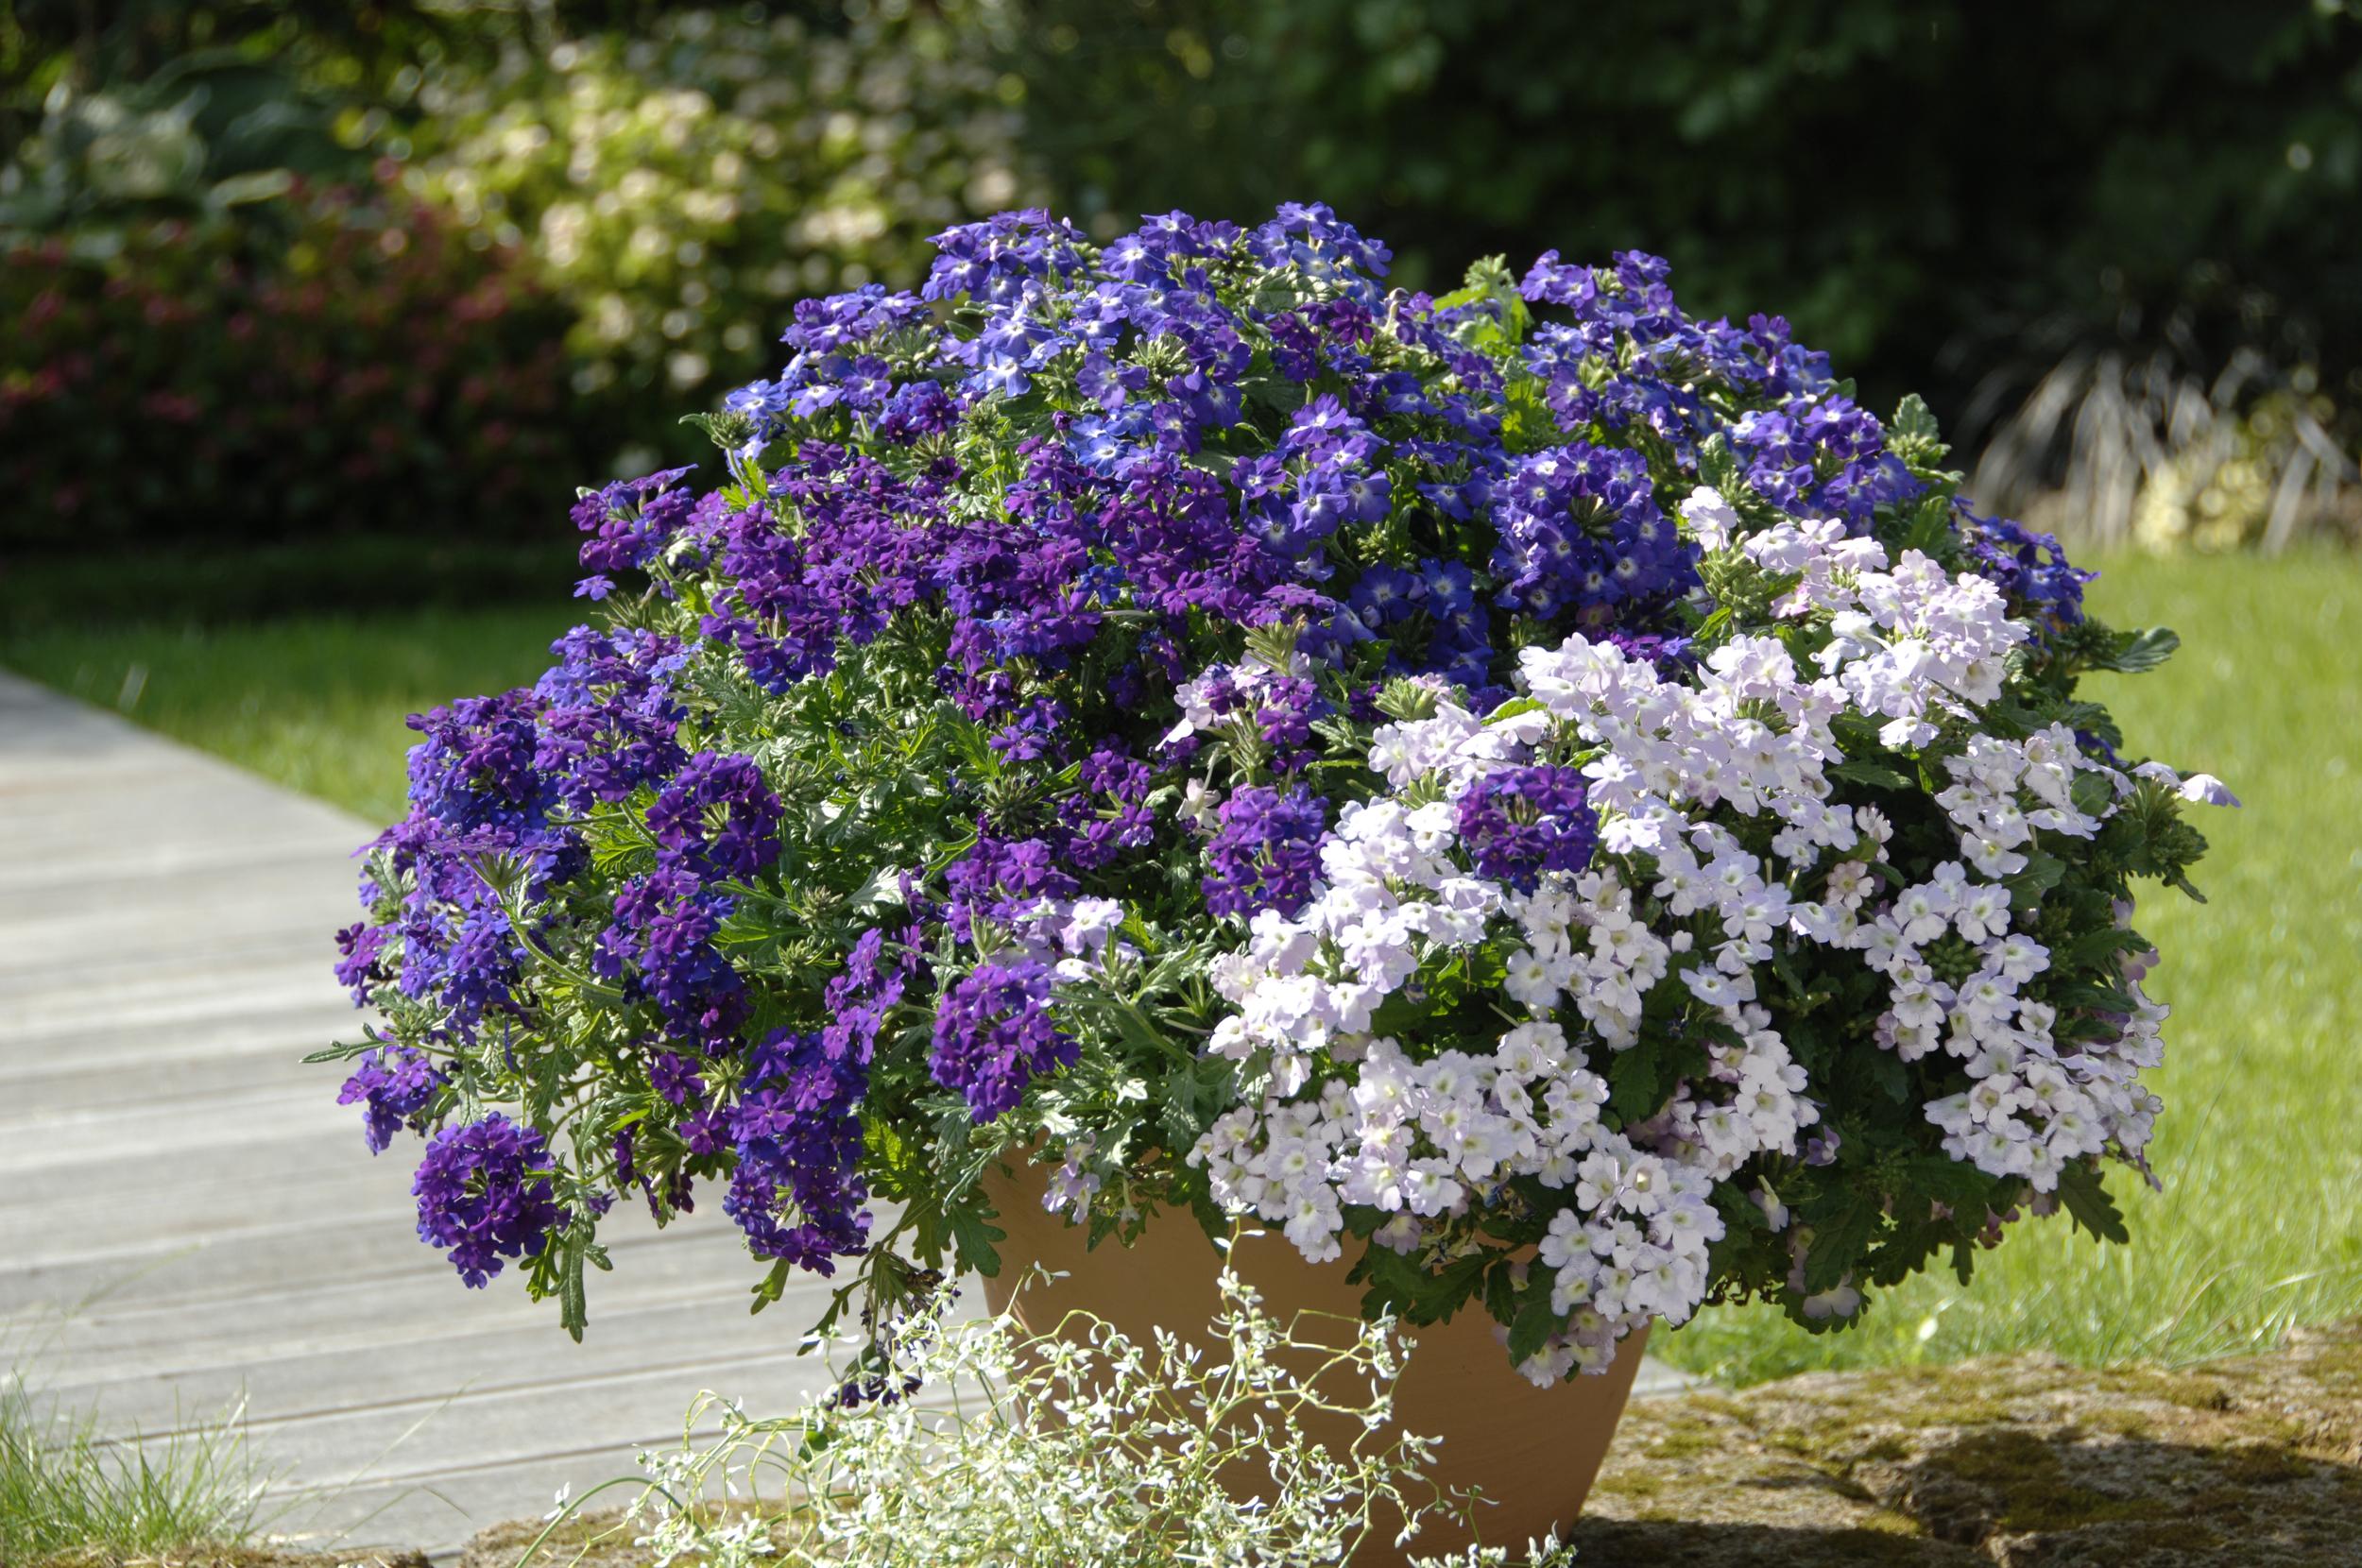 Balkonpflanzen Pflegeleicht ? Performal.info Hubsche Balkonpflanzen Pflegeleicht